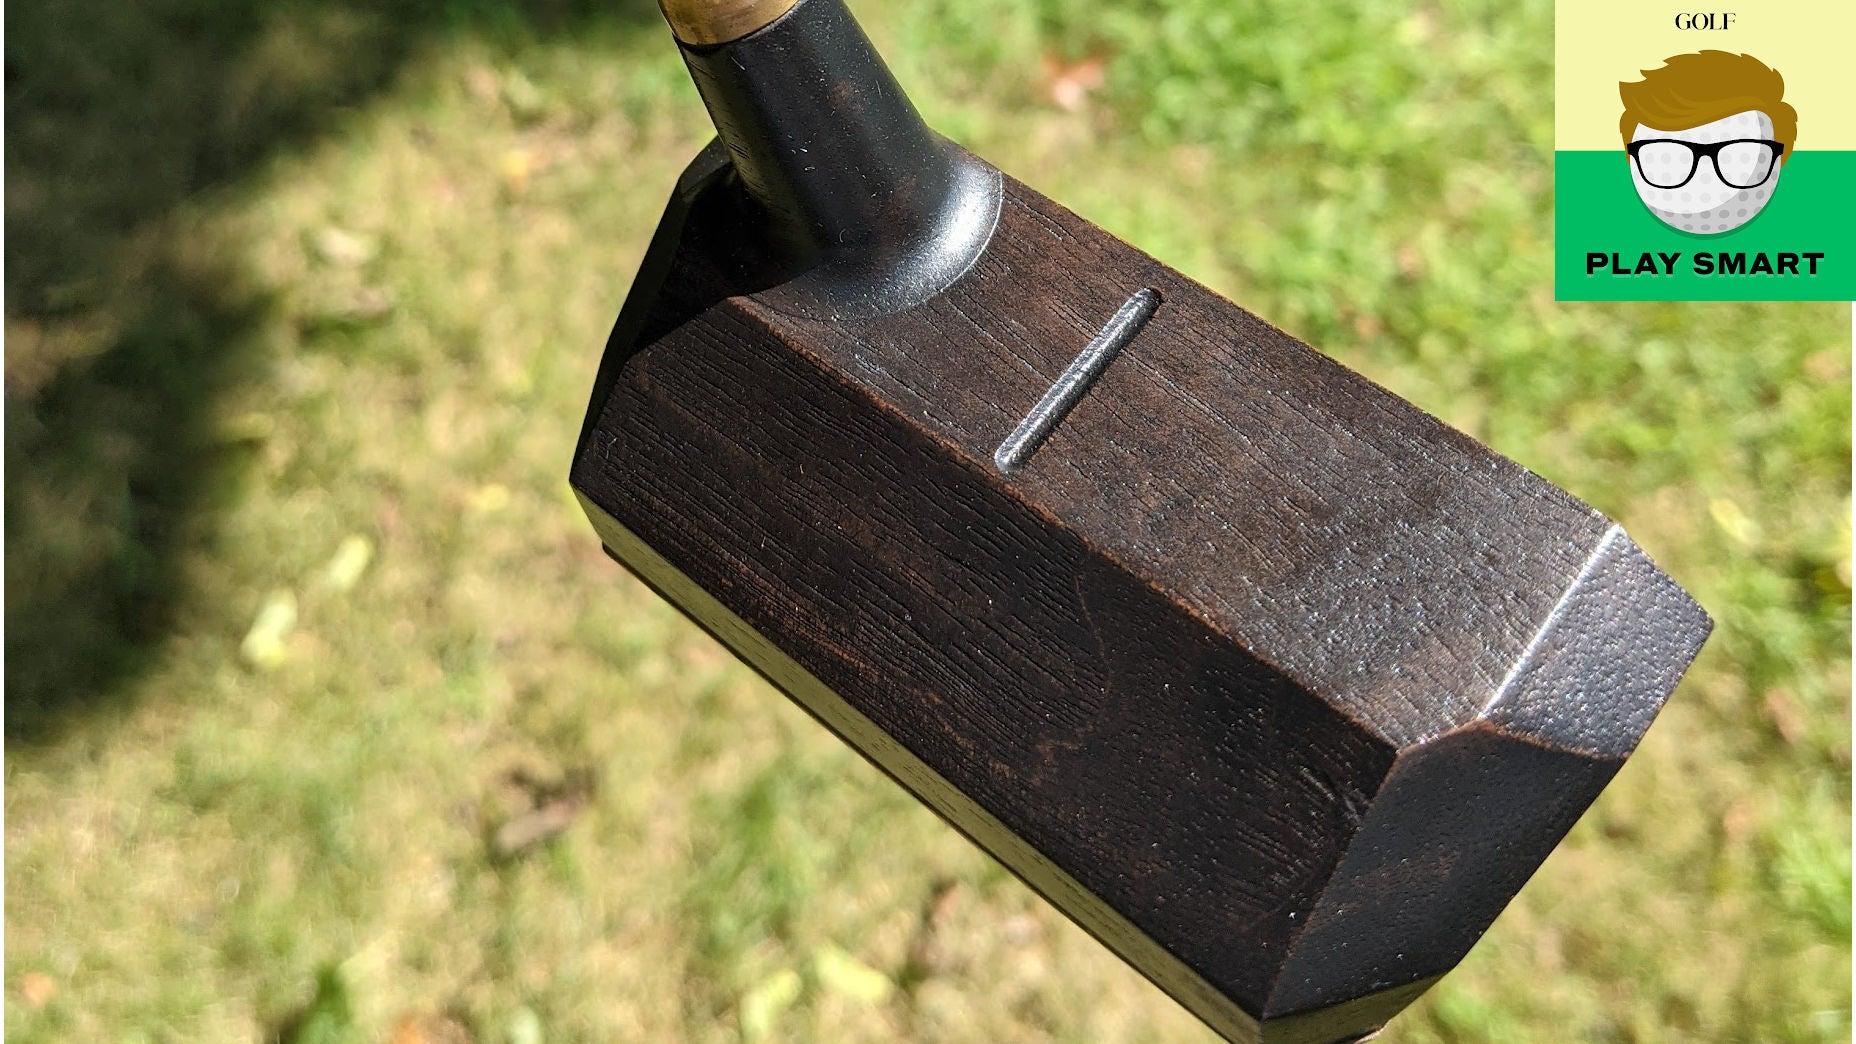 A wooden putter.